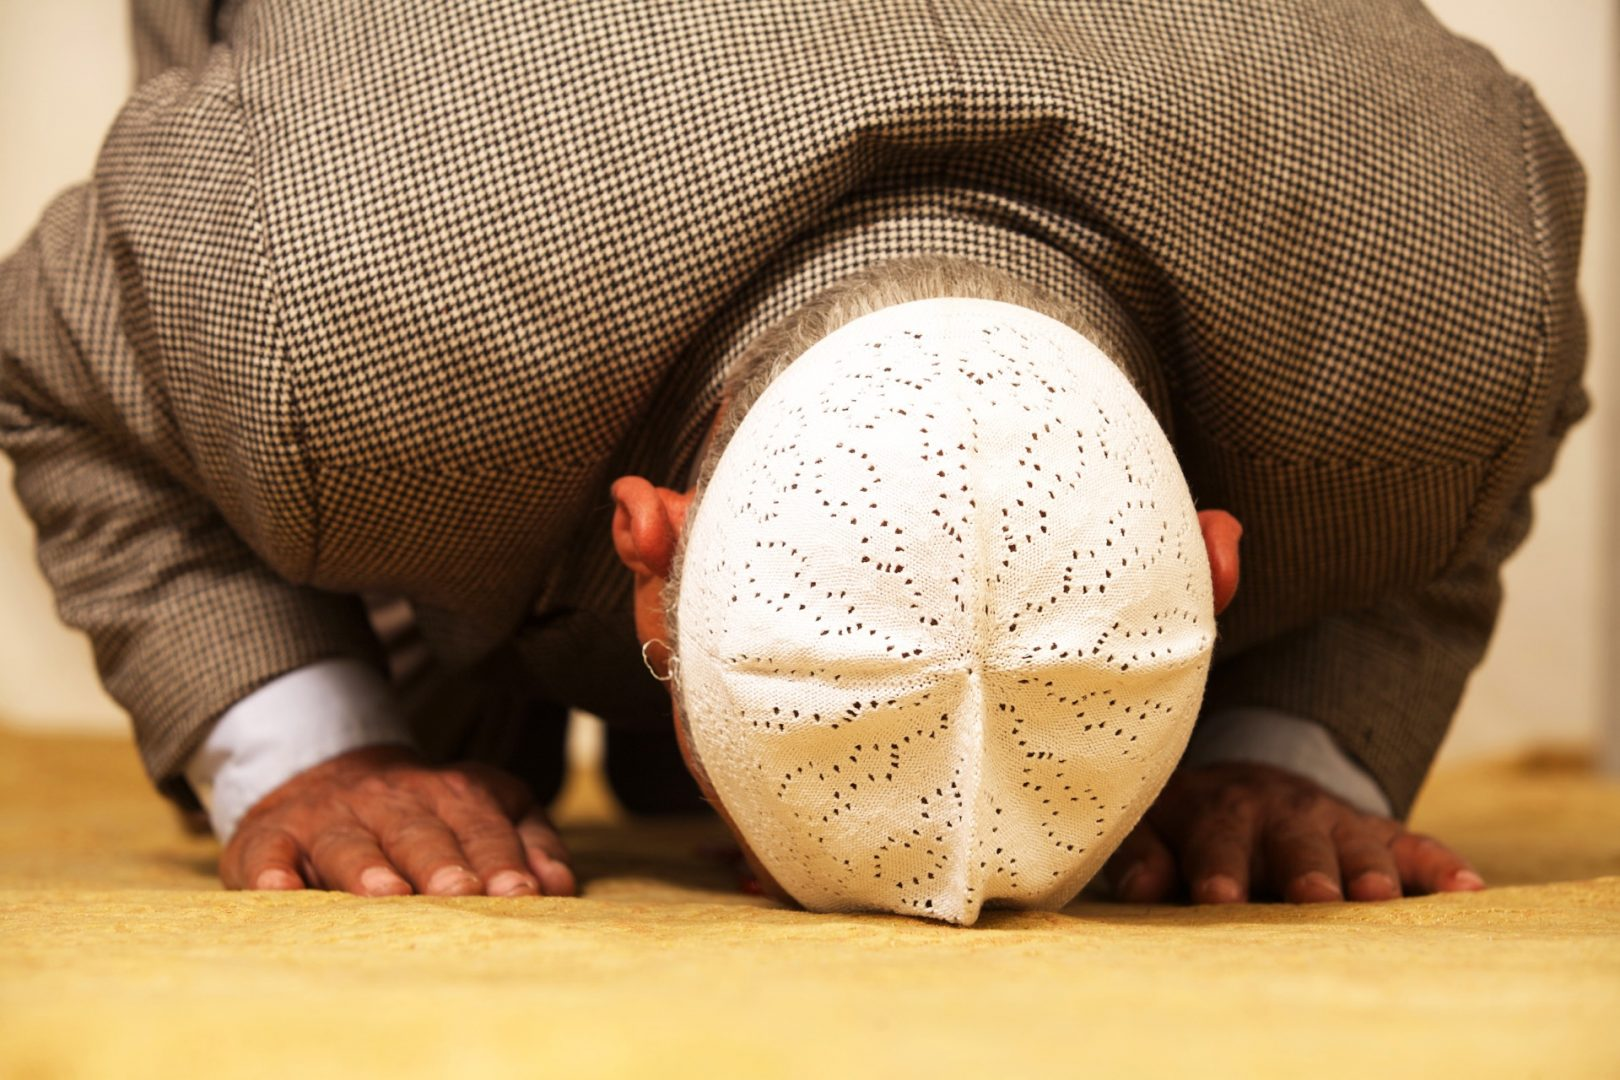 Face i cuno tin a cu un barbat in timpul Ramadanului se confrunta cu o singura femeie